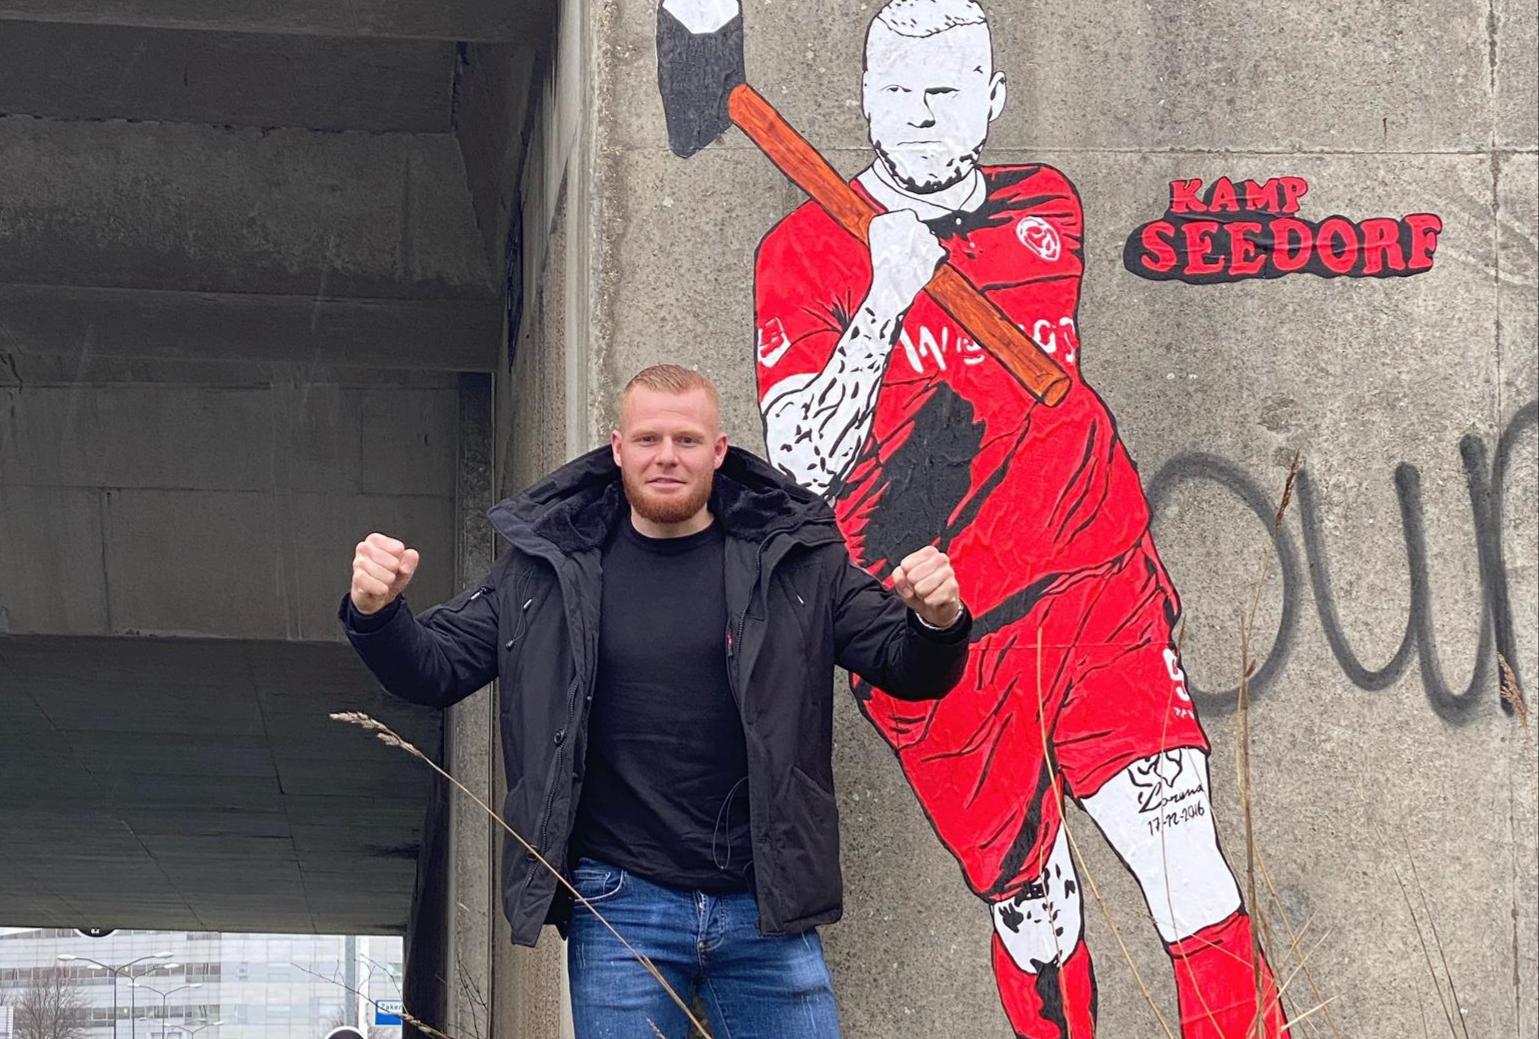 Kamp Seedorf plaatst Thomas Verheydt in het stadshart